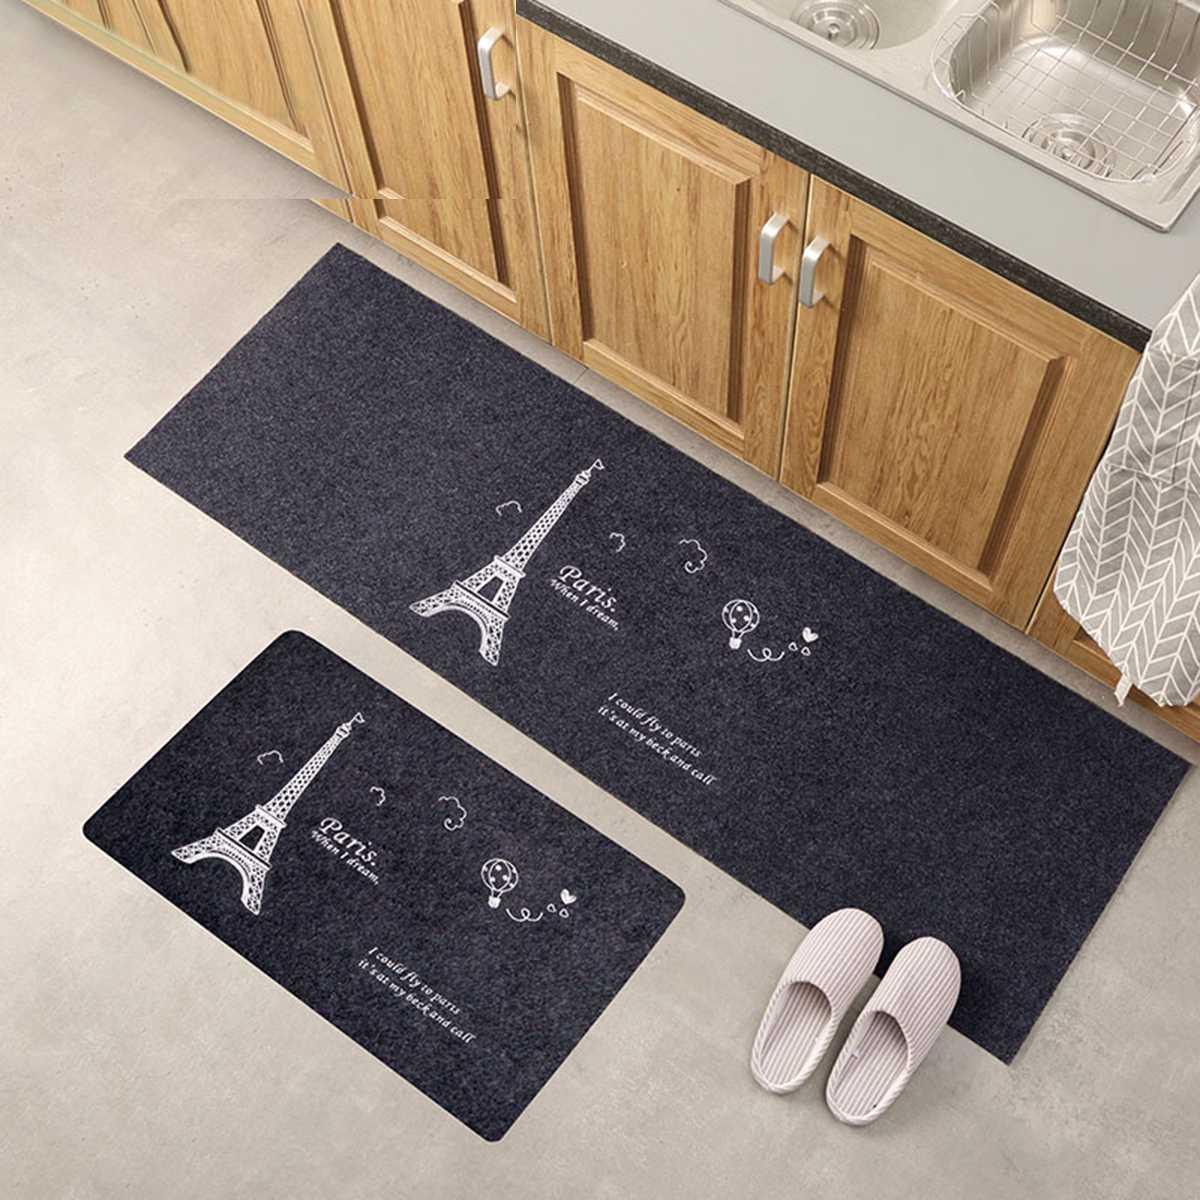 Us 5 69 7 Off Non Slip Home Kitchen Floor Mat Machine Washable Floor Rug Mat Door Runner Hallway Carpet For Bedroom Bathroom Balcony Carpet In Mat